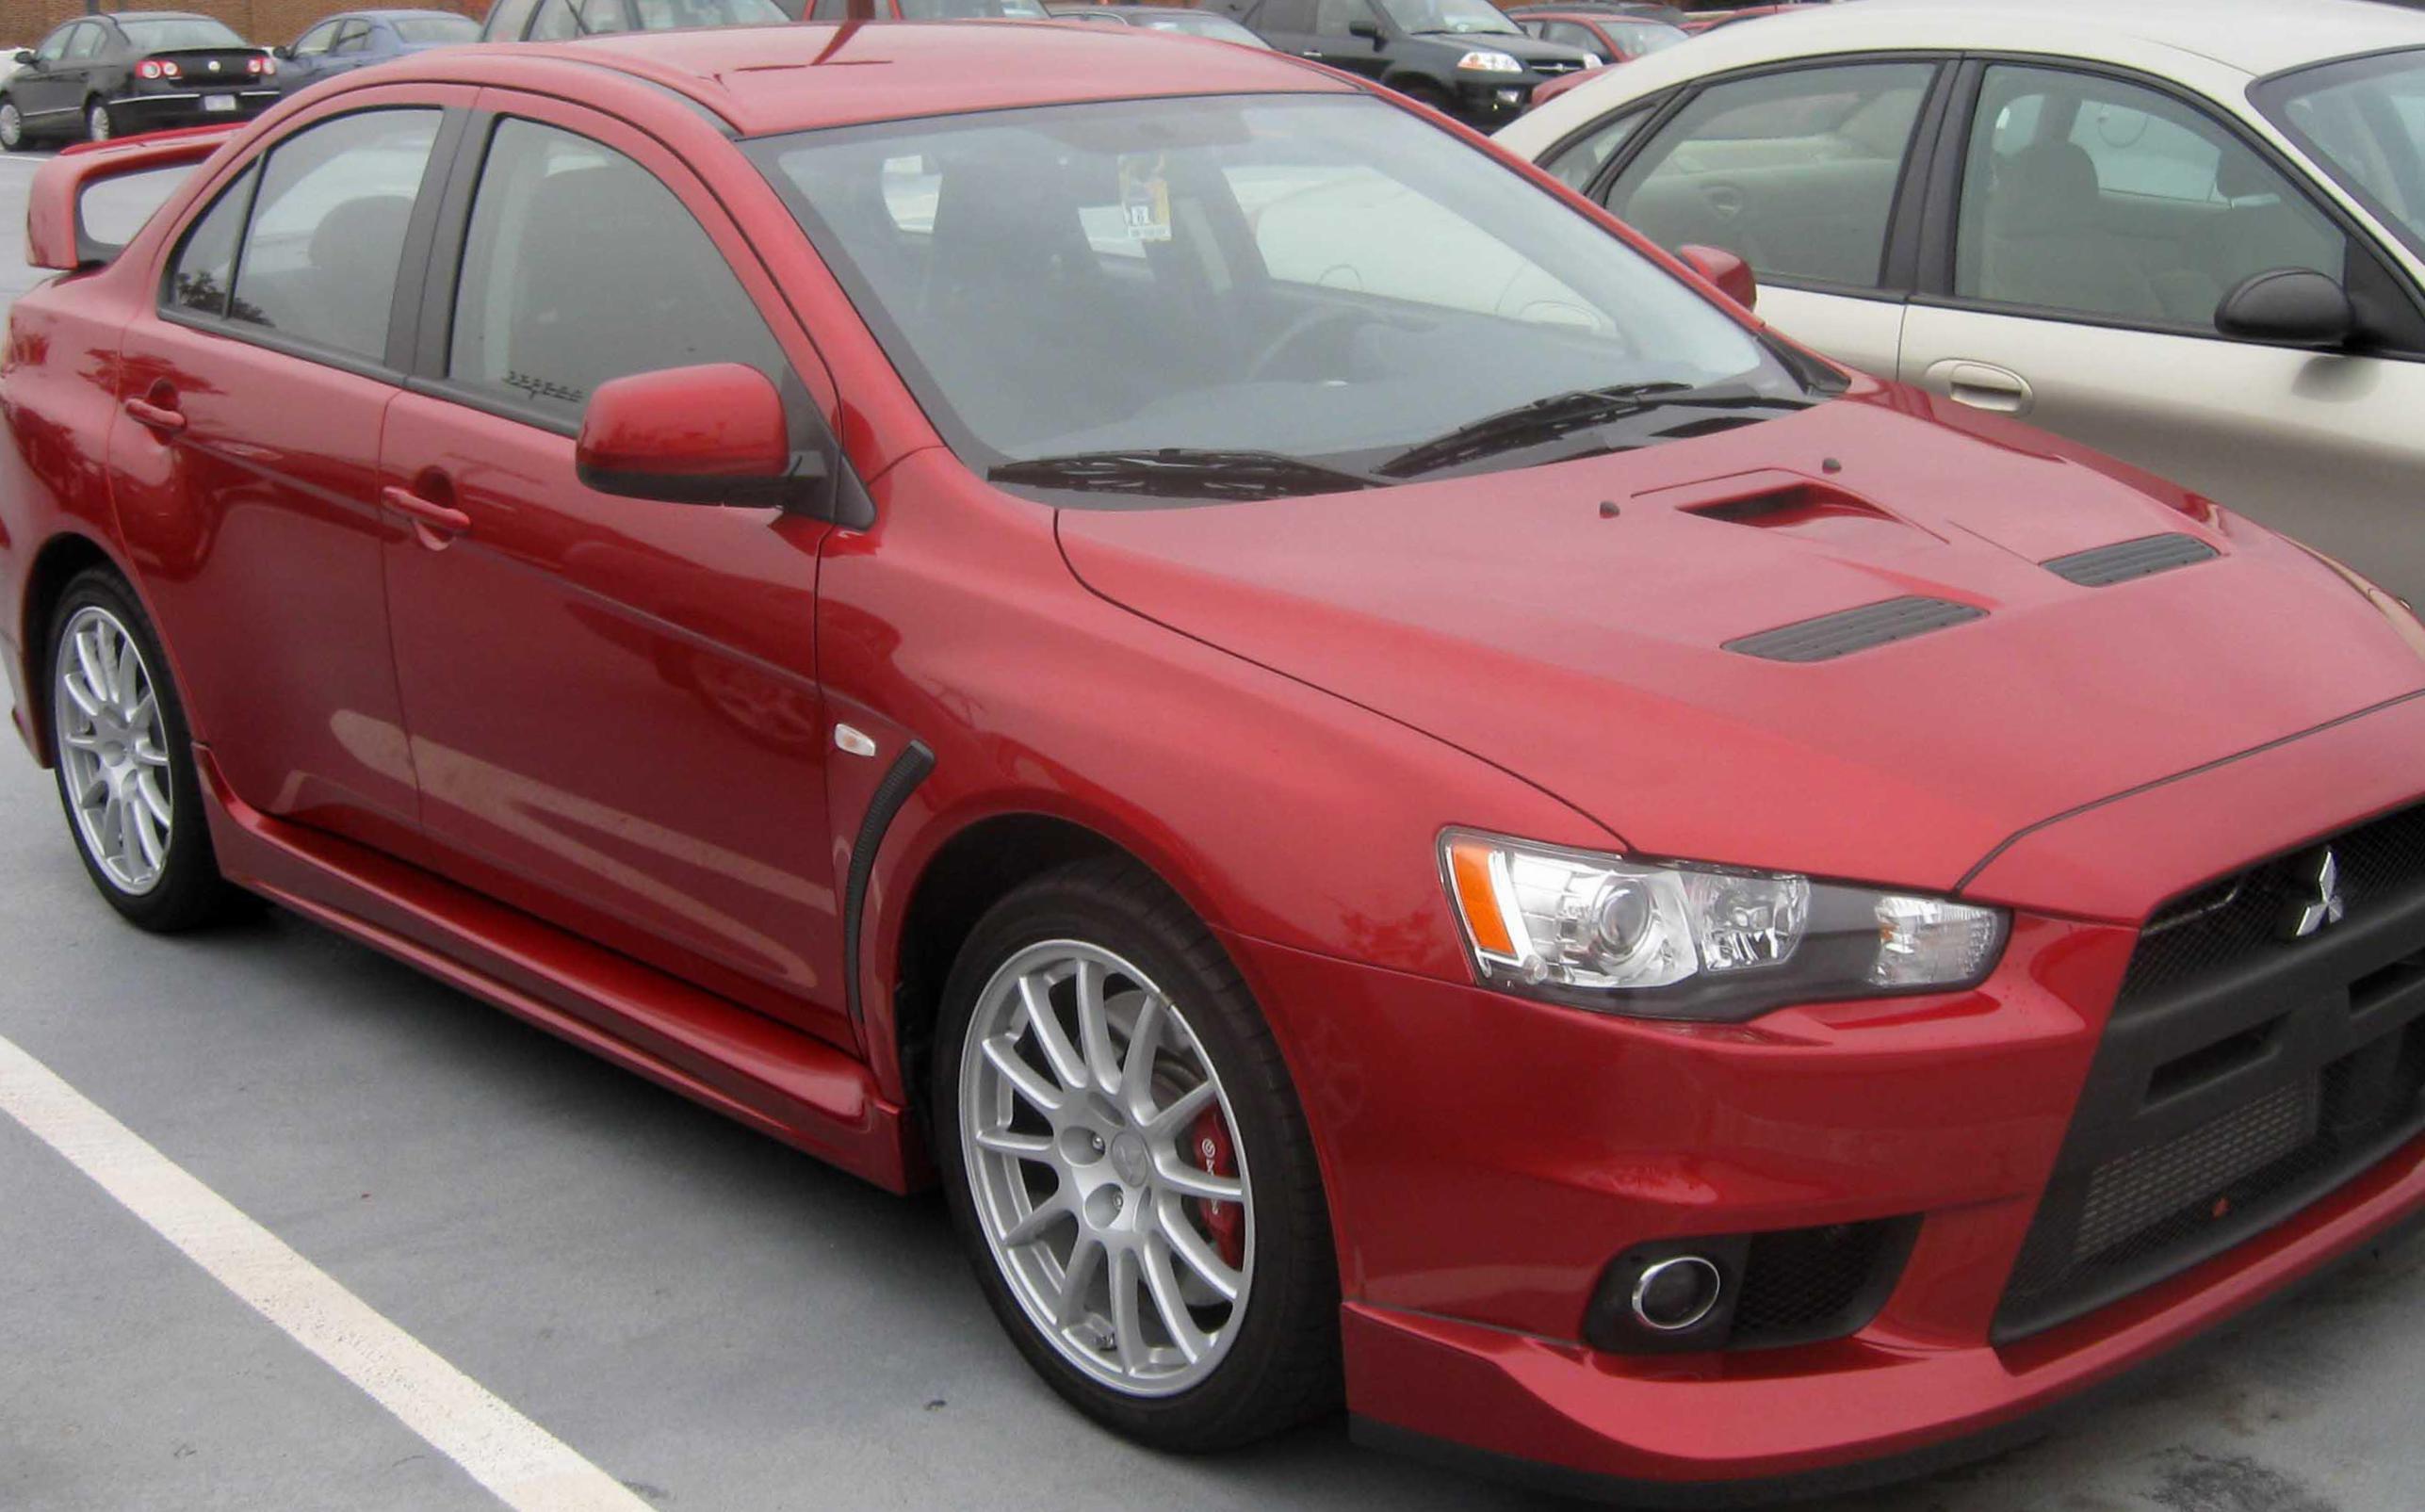 Mitsubishi Lancer Evolution X Specs 2010